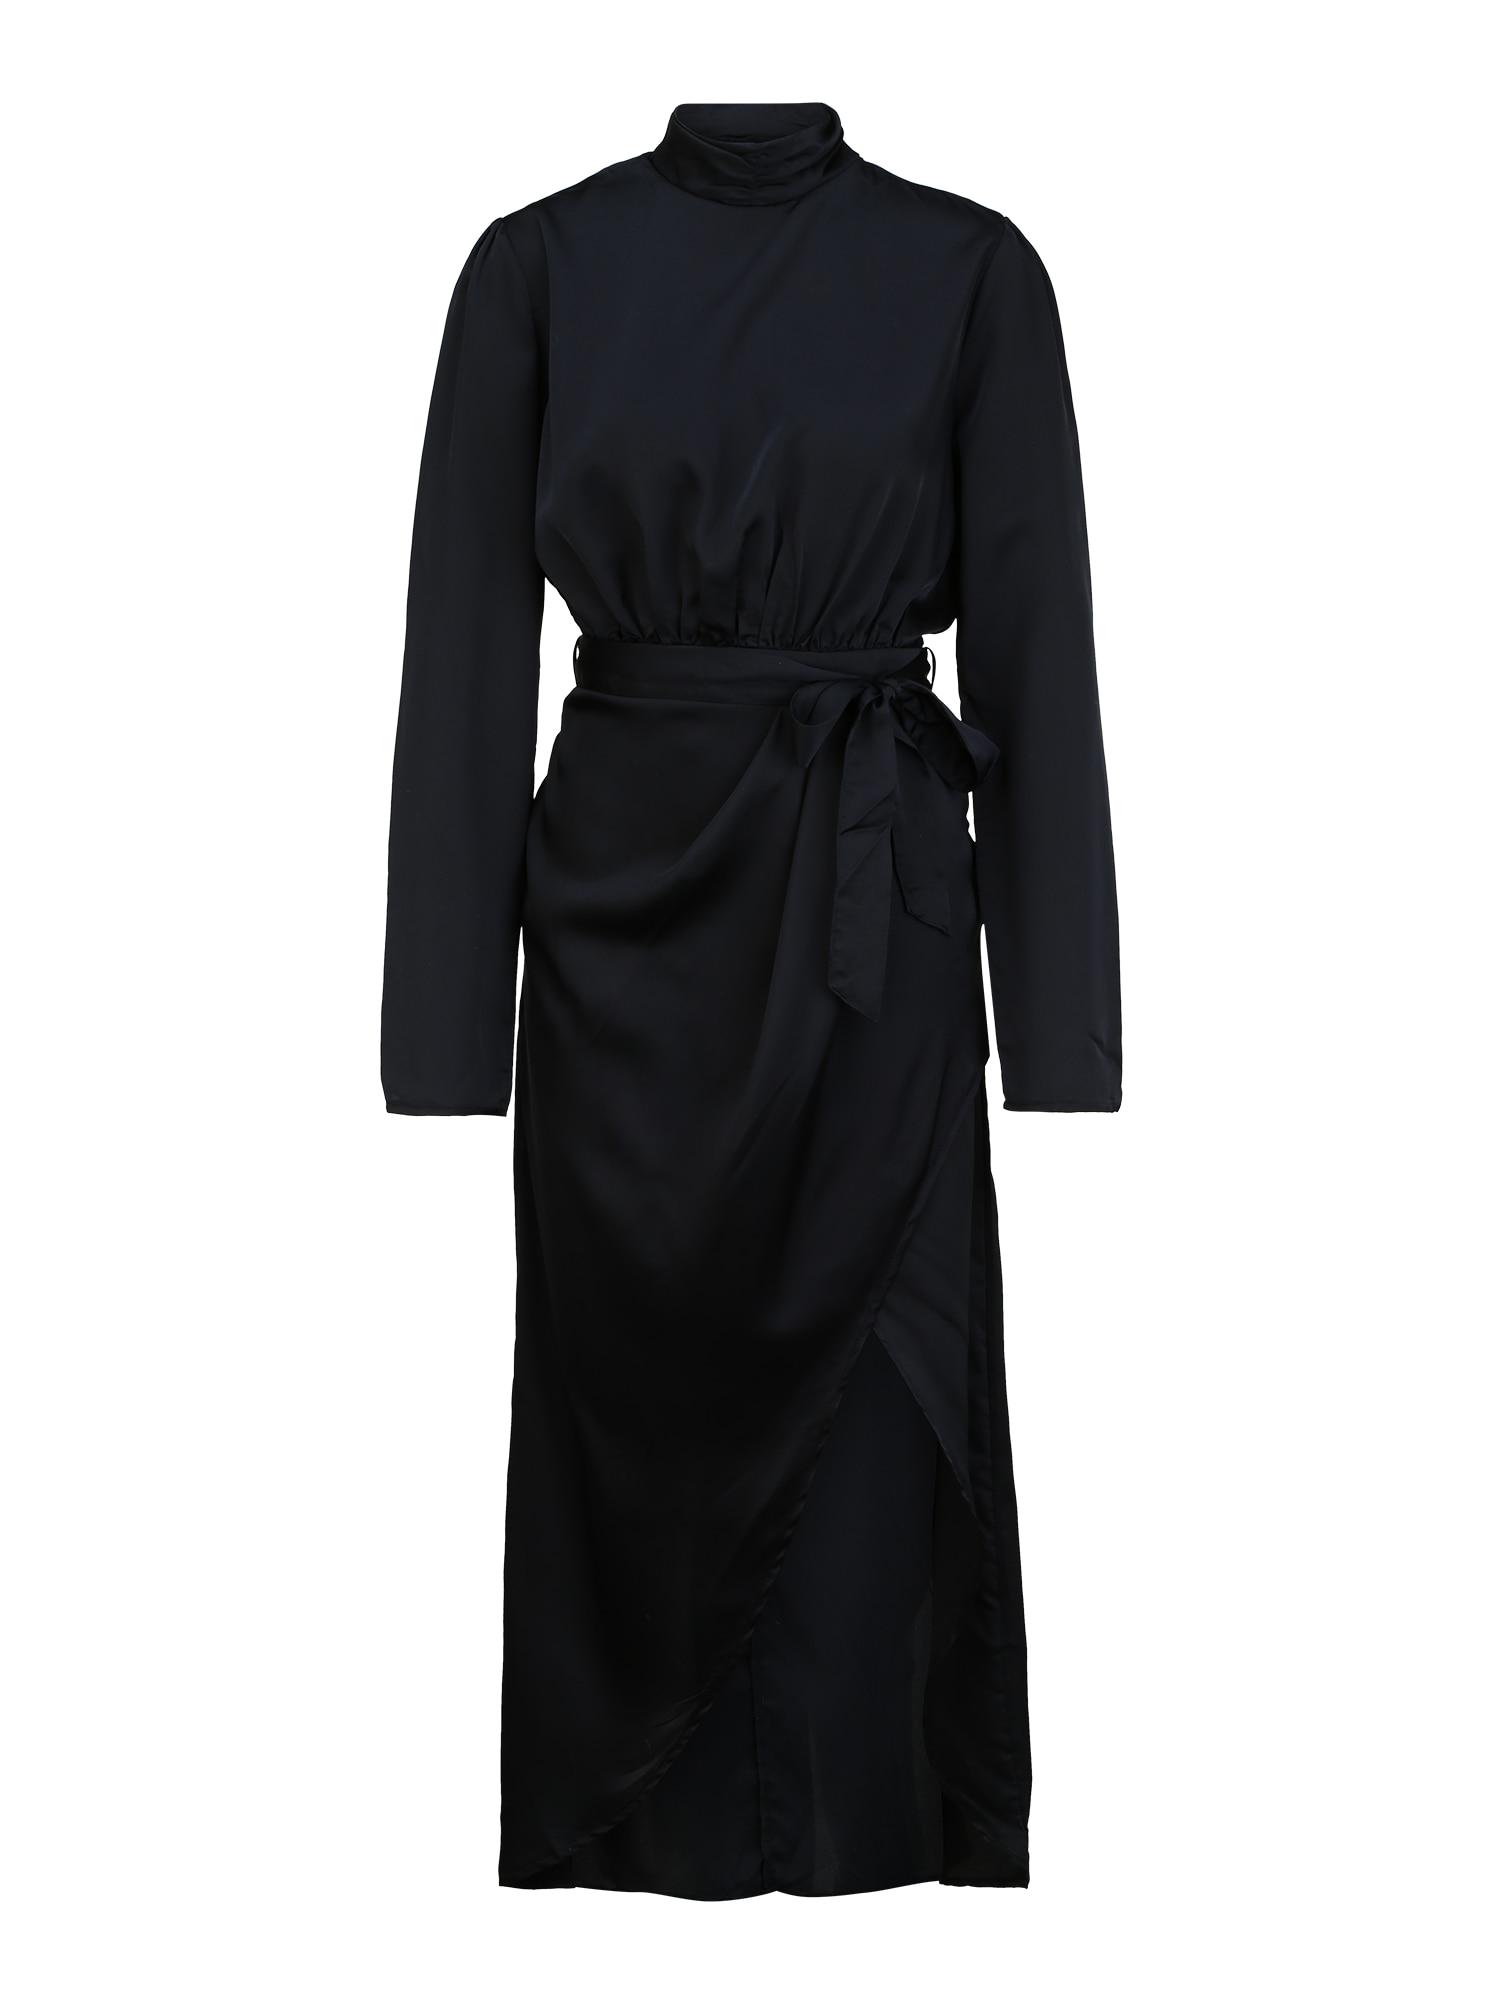 Missguided (Tall) Suknelė kobalto mėlyna